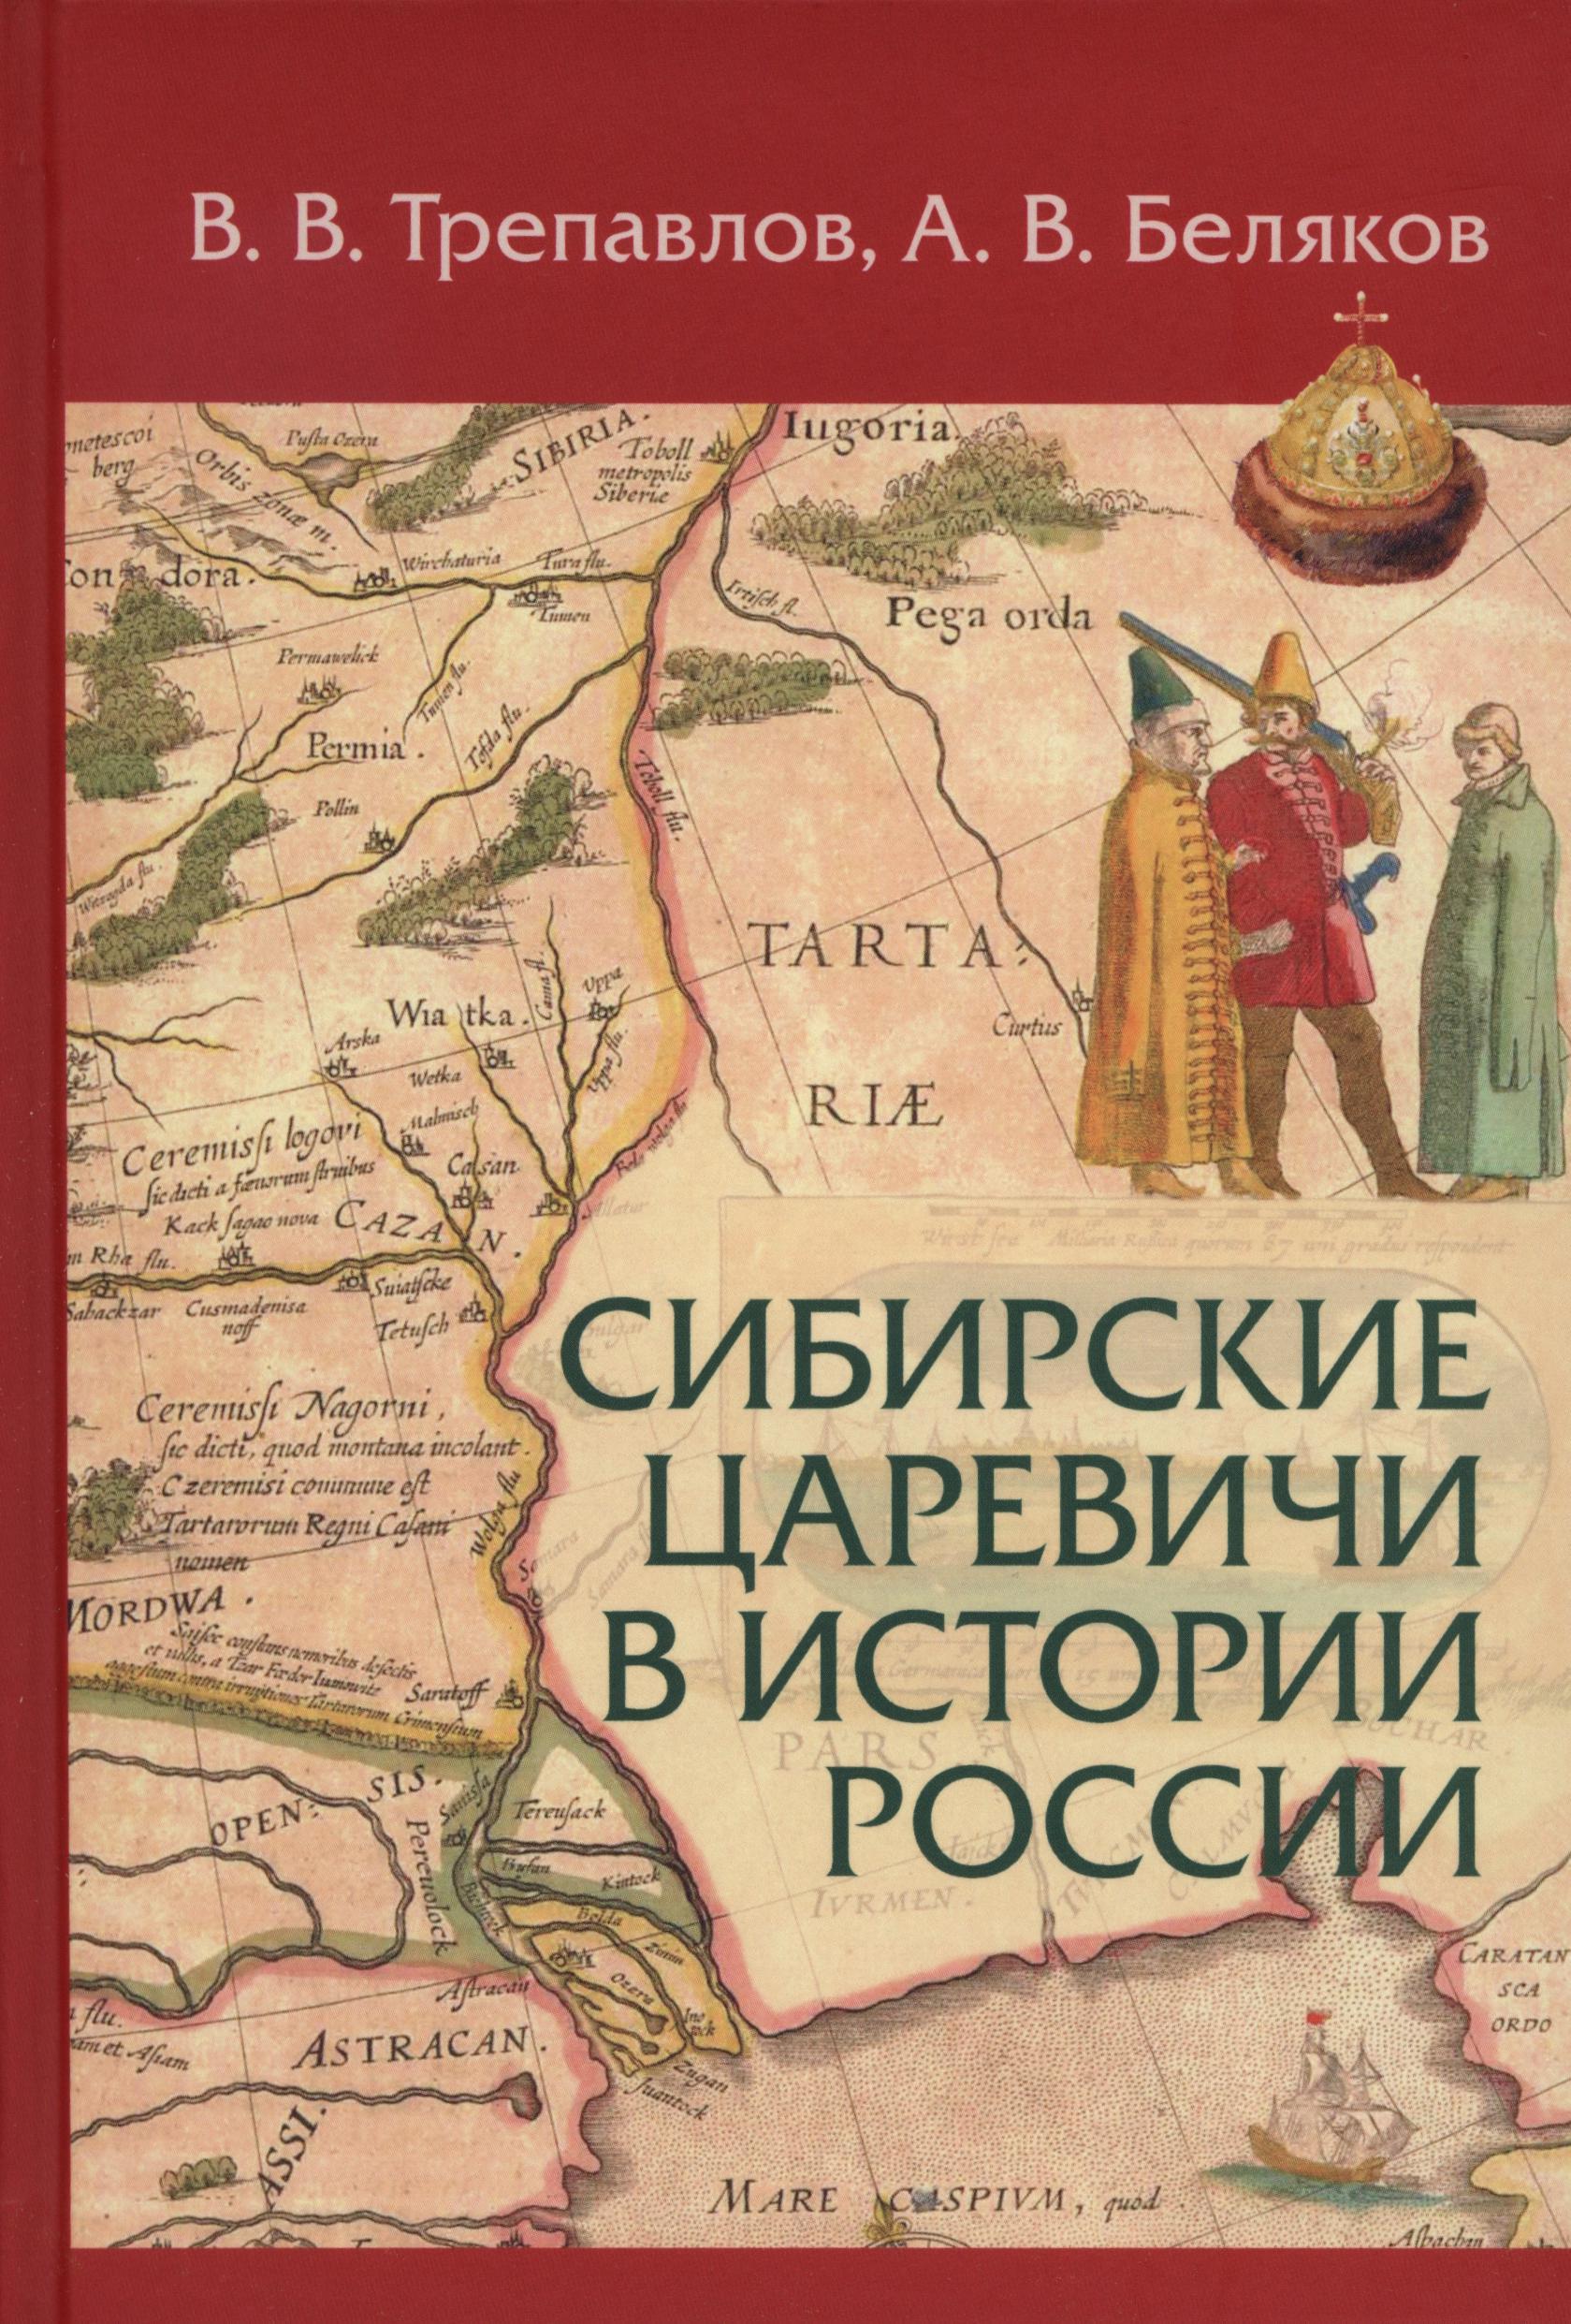 В. В. Трепавлов, А. В. Беляков. Сибирские царевичи в истории России